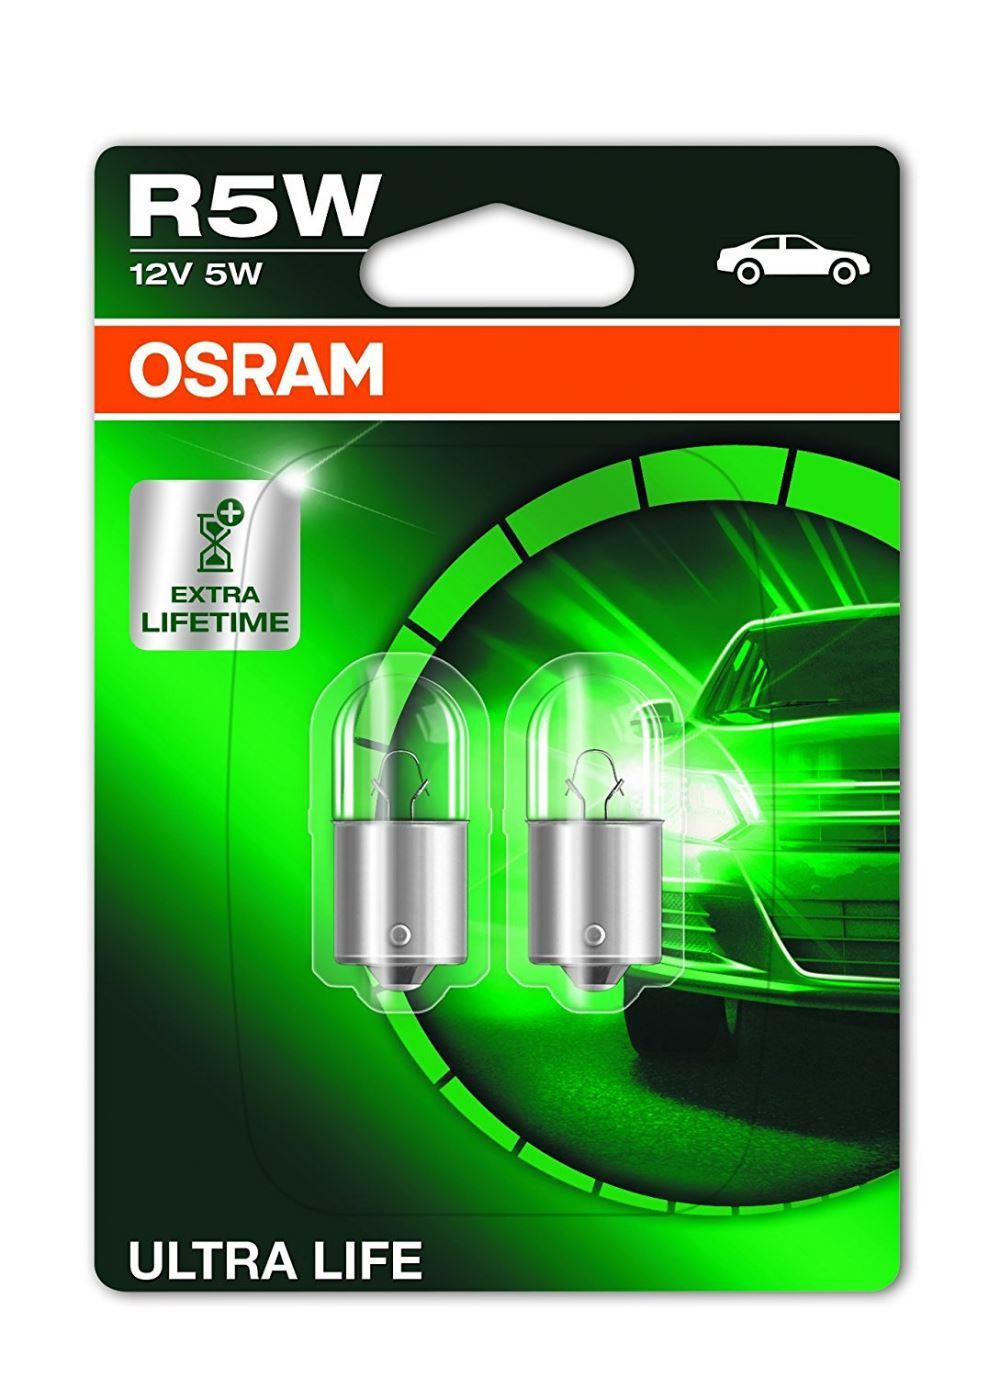 Osram Ultralife 5007Ult 12V 5W Twin Pack